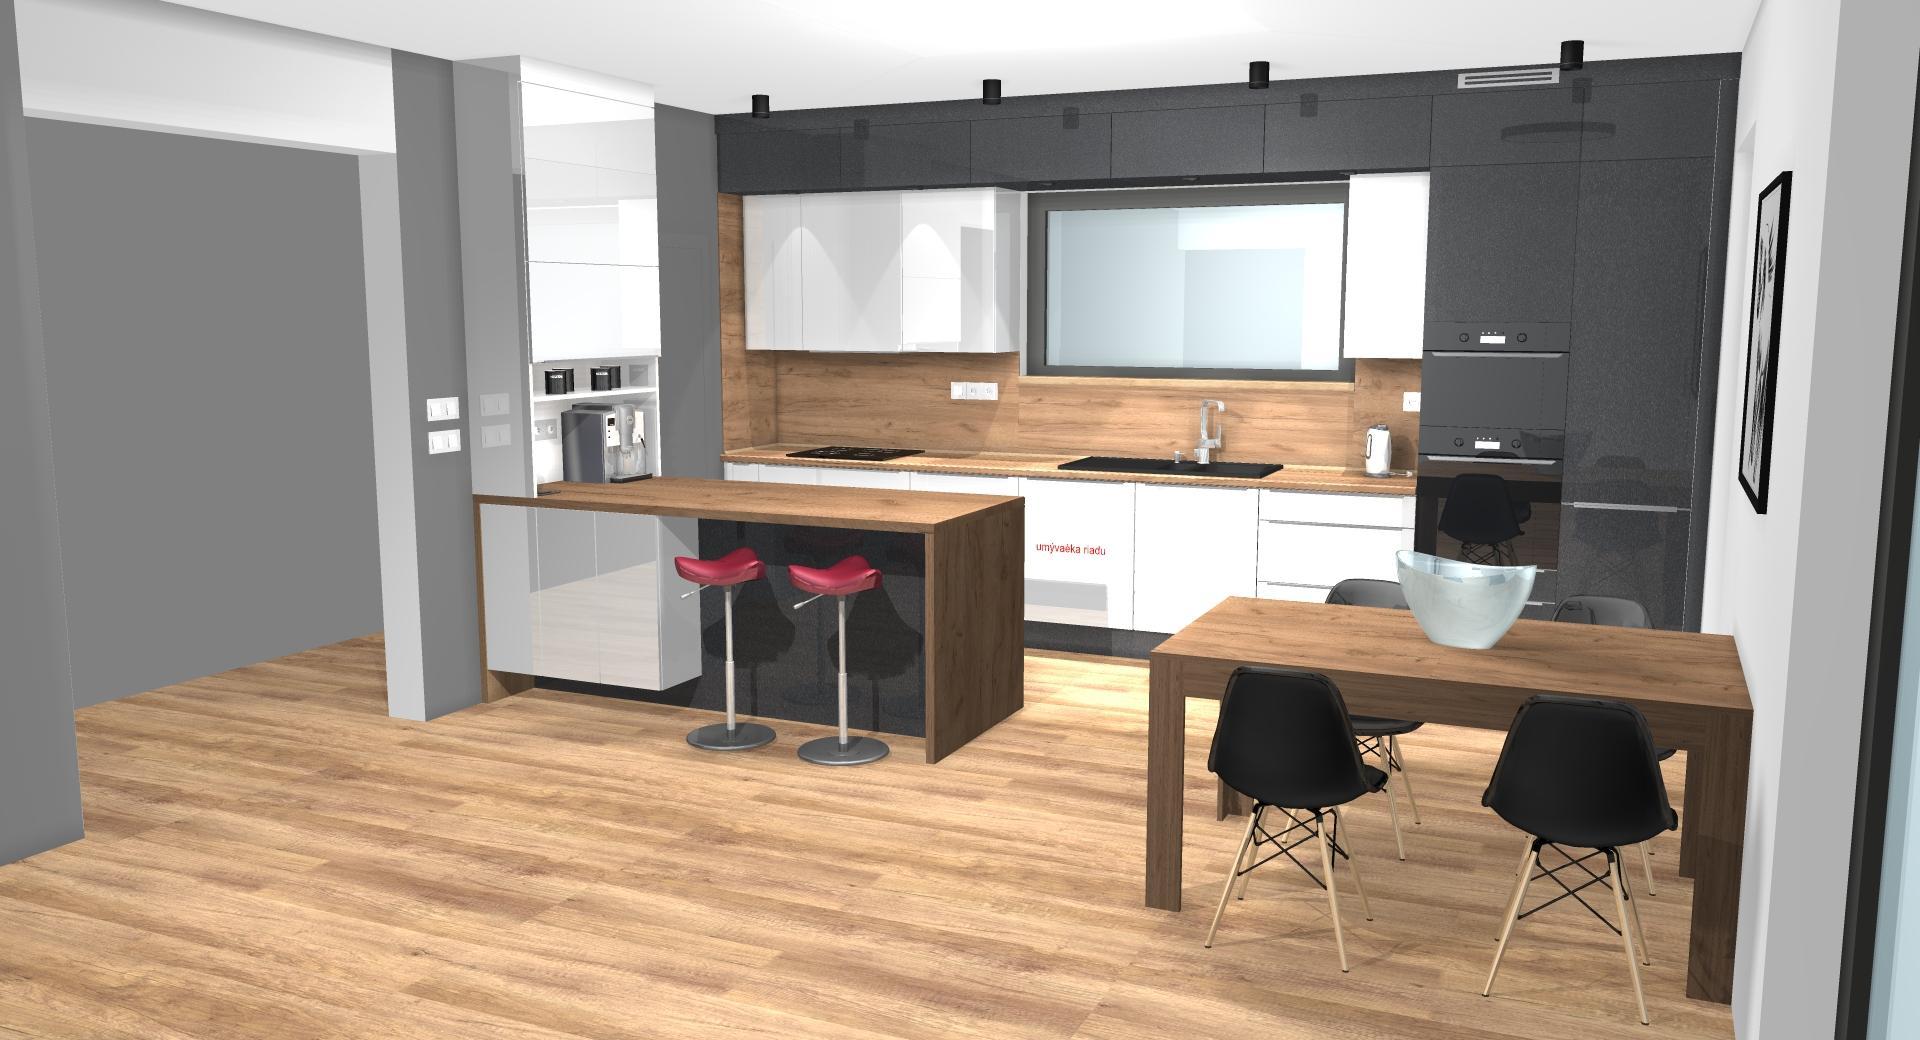 Grafické návrhy kuchynských liniek 2020 - Grafický návrh kuchynskej linky do rodinného domu v Zv - obr.2